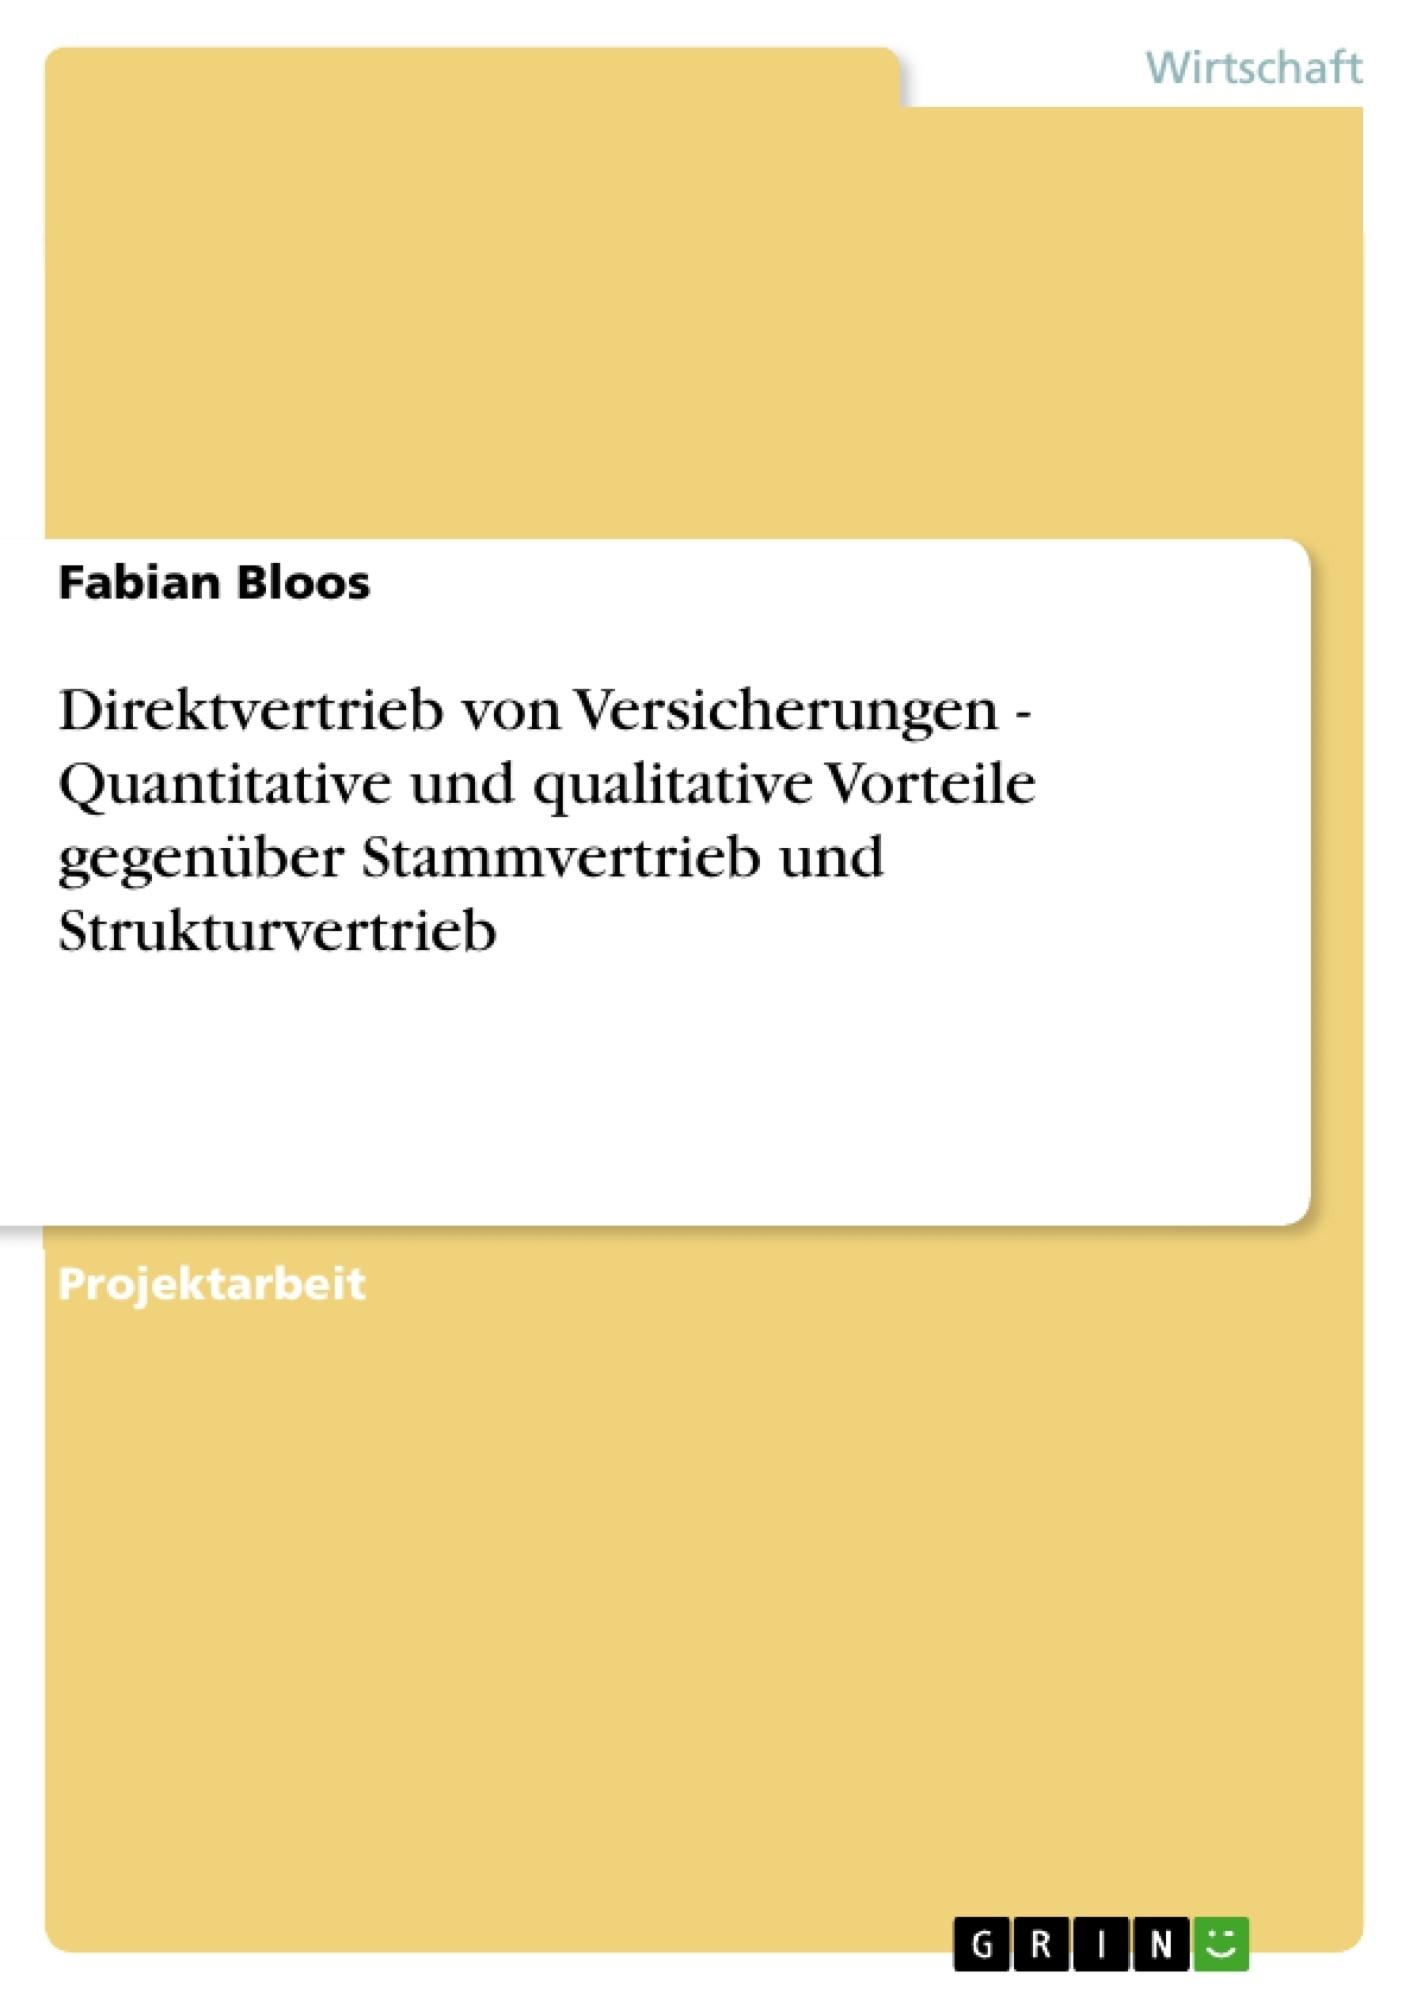 Titel: Direktvertrieb von Versicherungen - Quantitative und qualitative Vorteile gegenüber Stammvertrieb und Strukturvertrieb